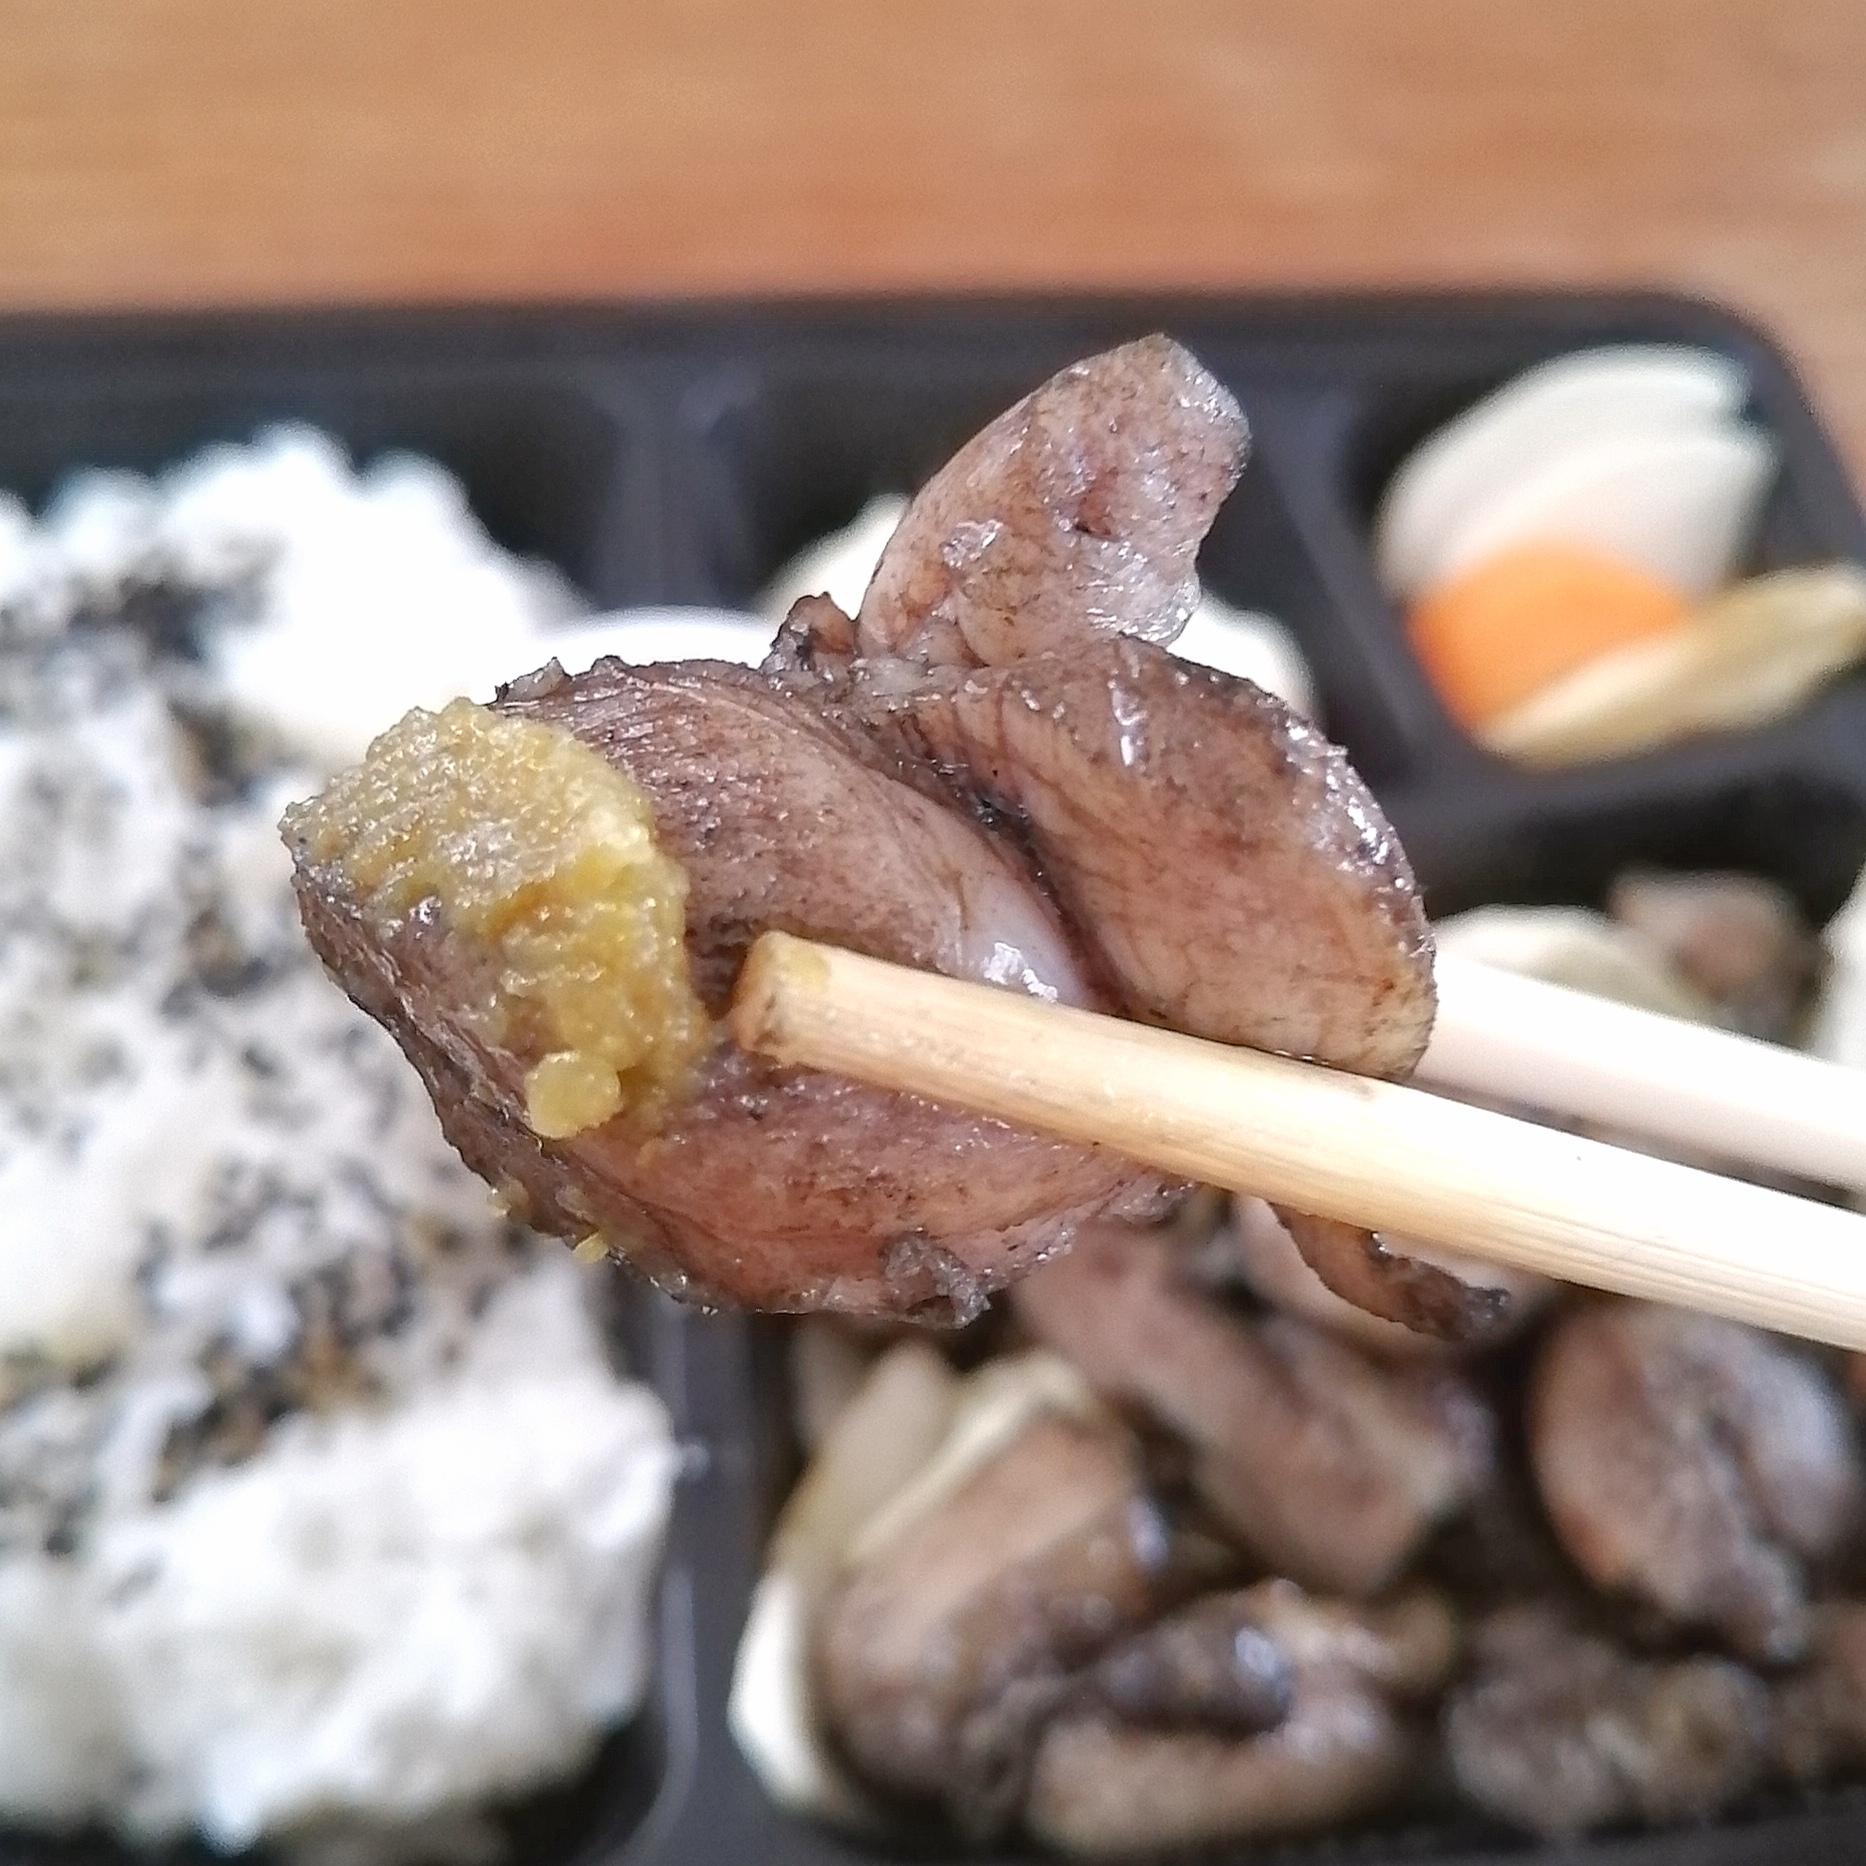 No-noマルキュウ別館・もも焼き弁当